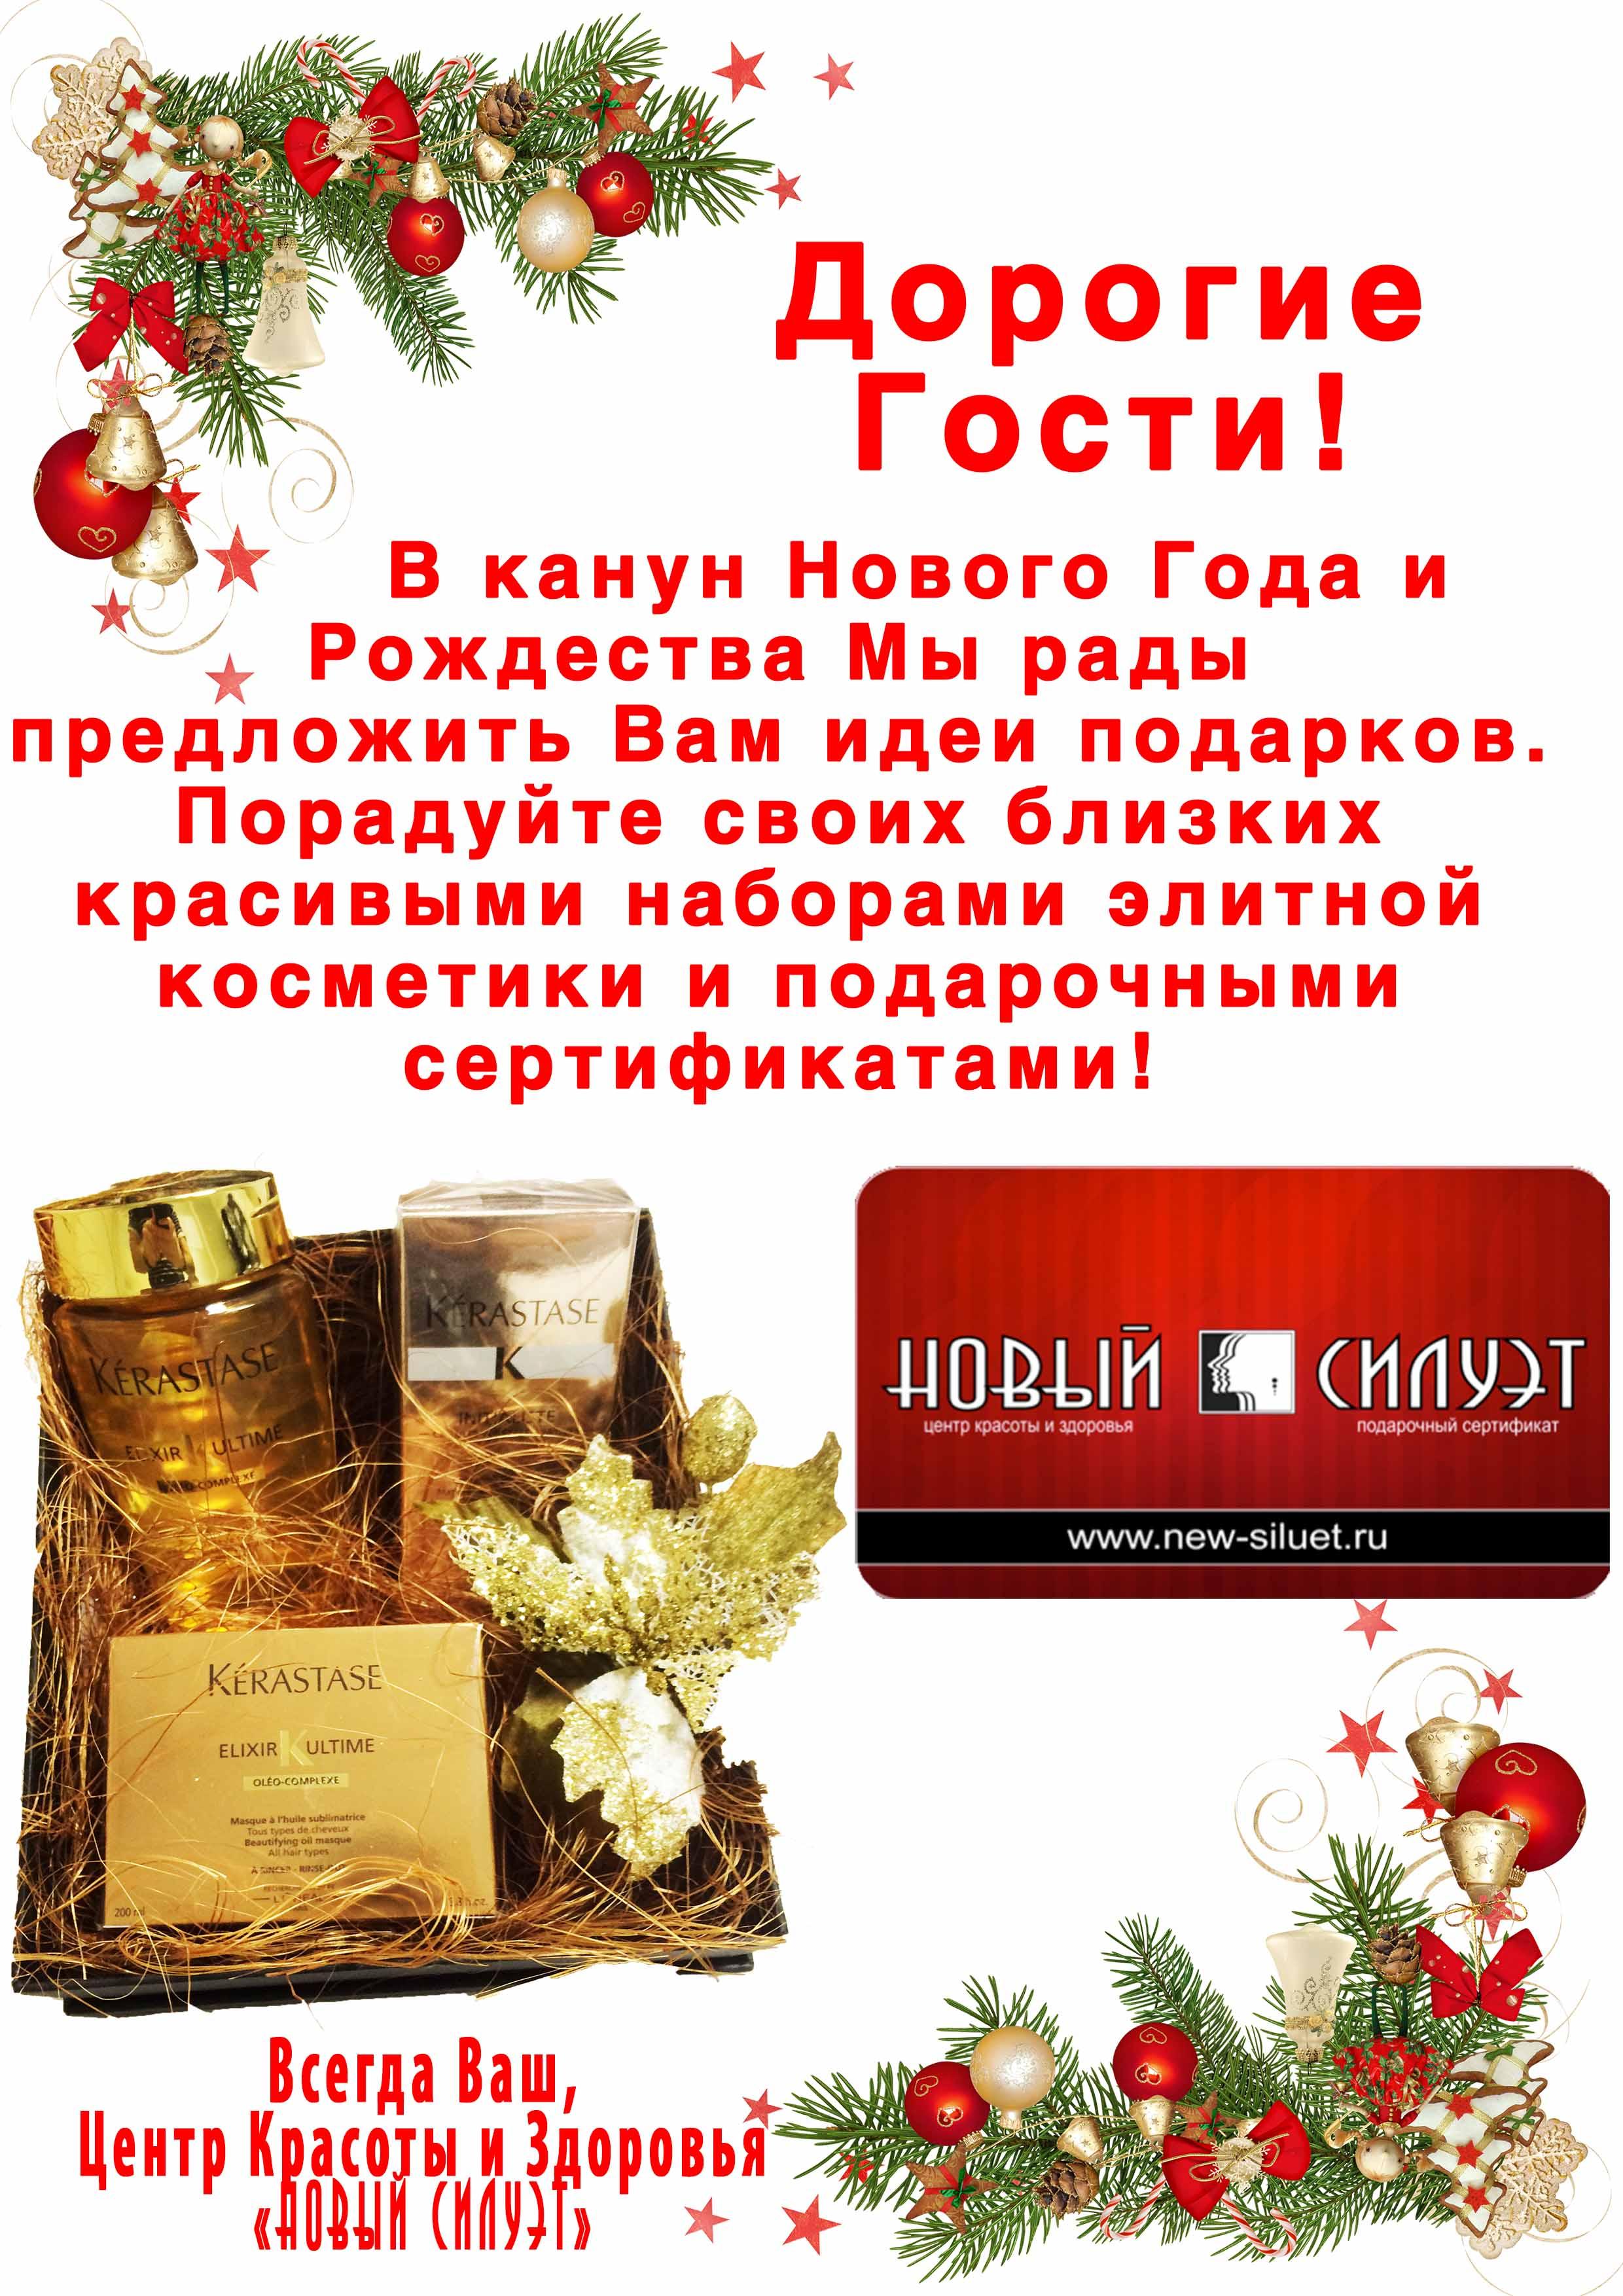 Подарков к новому году и рождеству